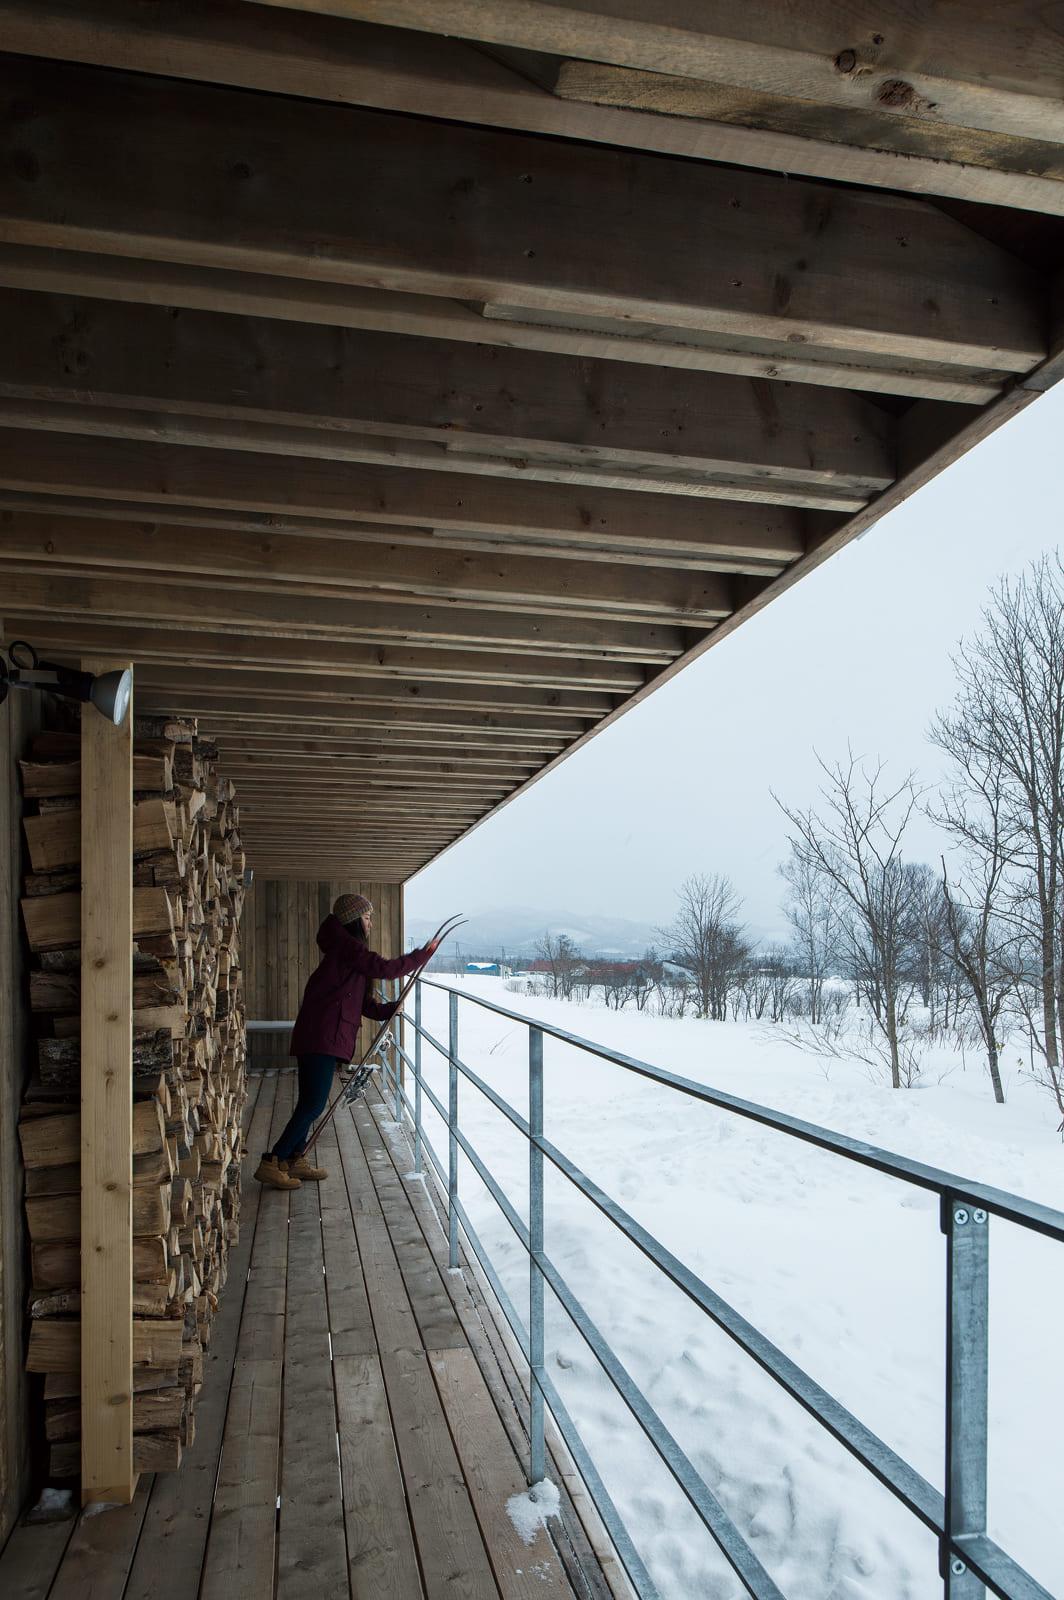 LDKから続くデッキは四季折々の景色を楽しむ特等席。庇が張り出しているので雪を気にせず作業ができる